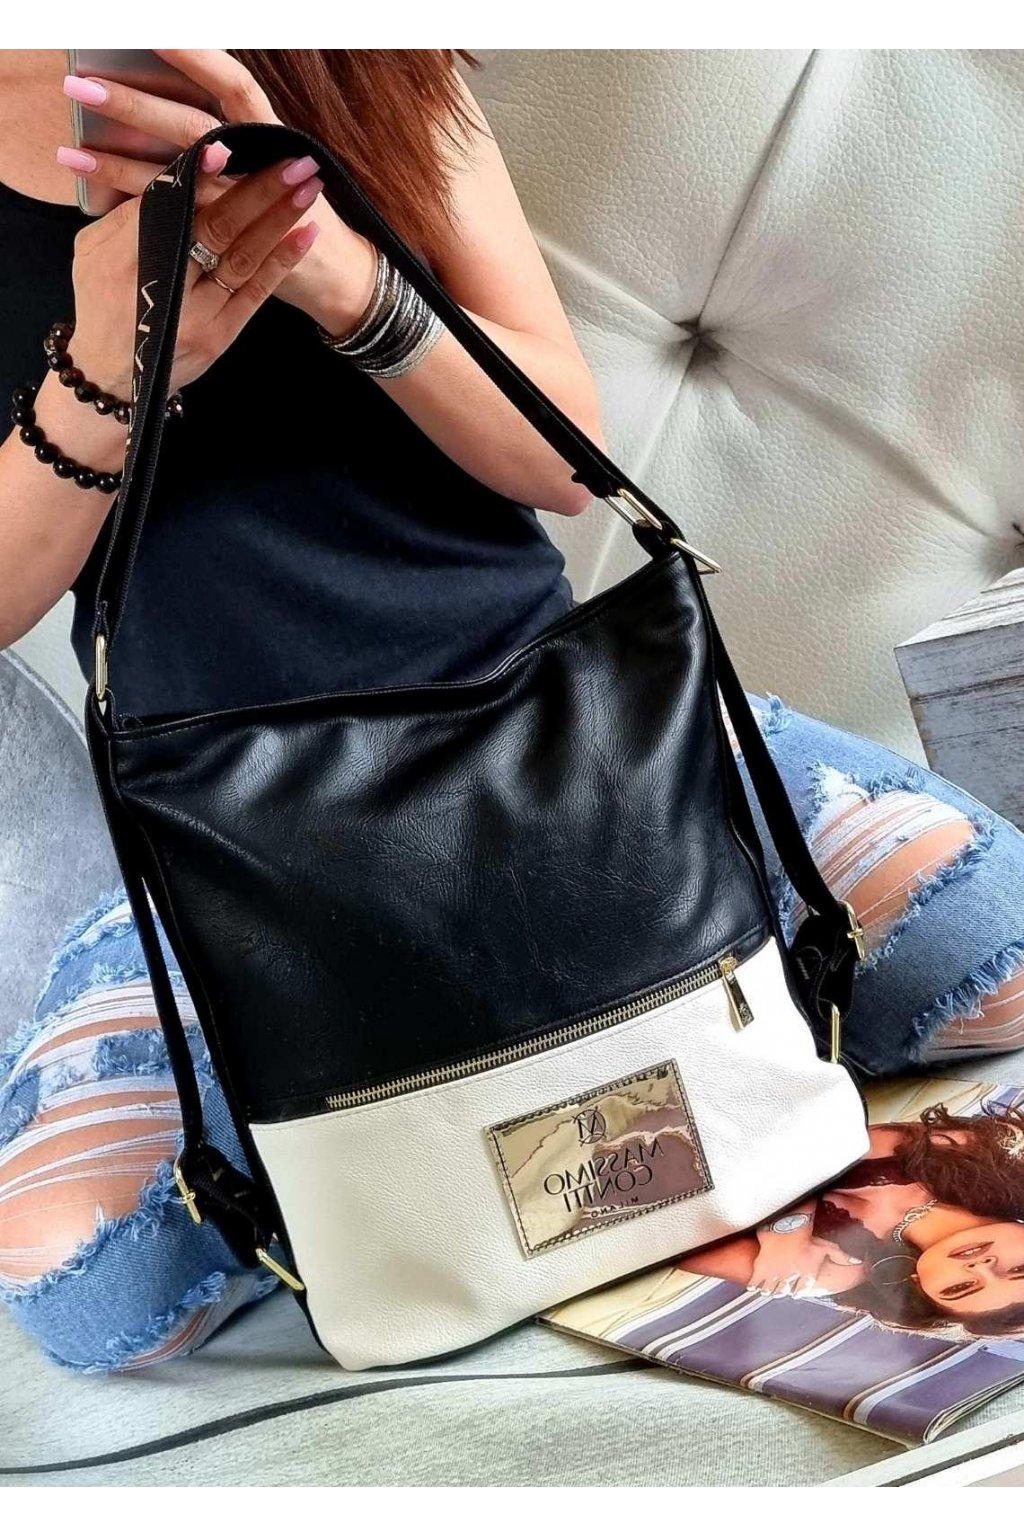 MASSIMO CONNTI kabelkobatoh značková kabelka luxusní crossbody černá top design